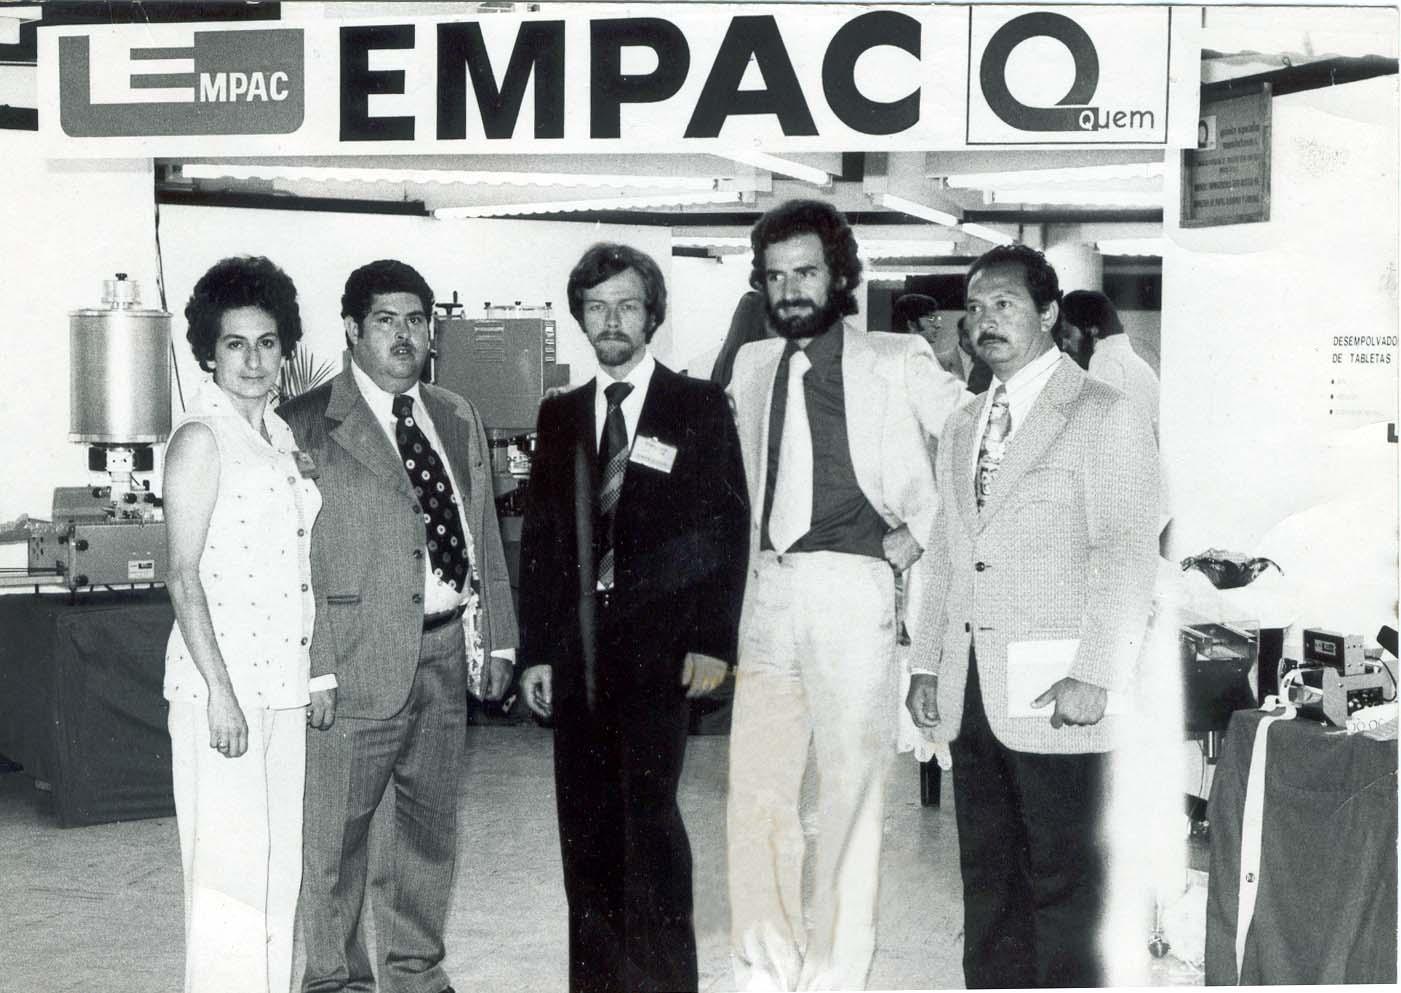 Grupo Empac en Expofarma 1976